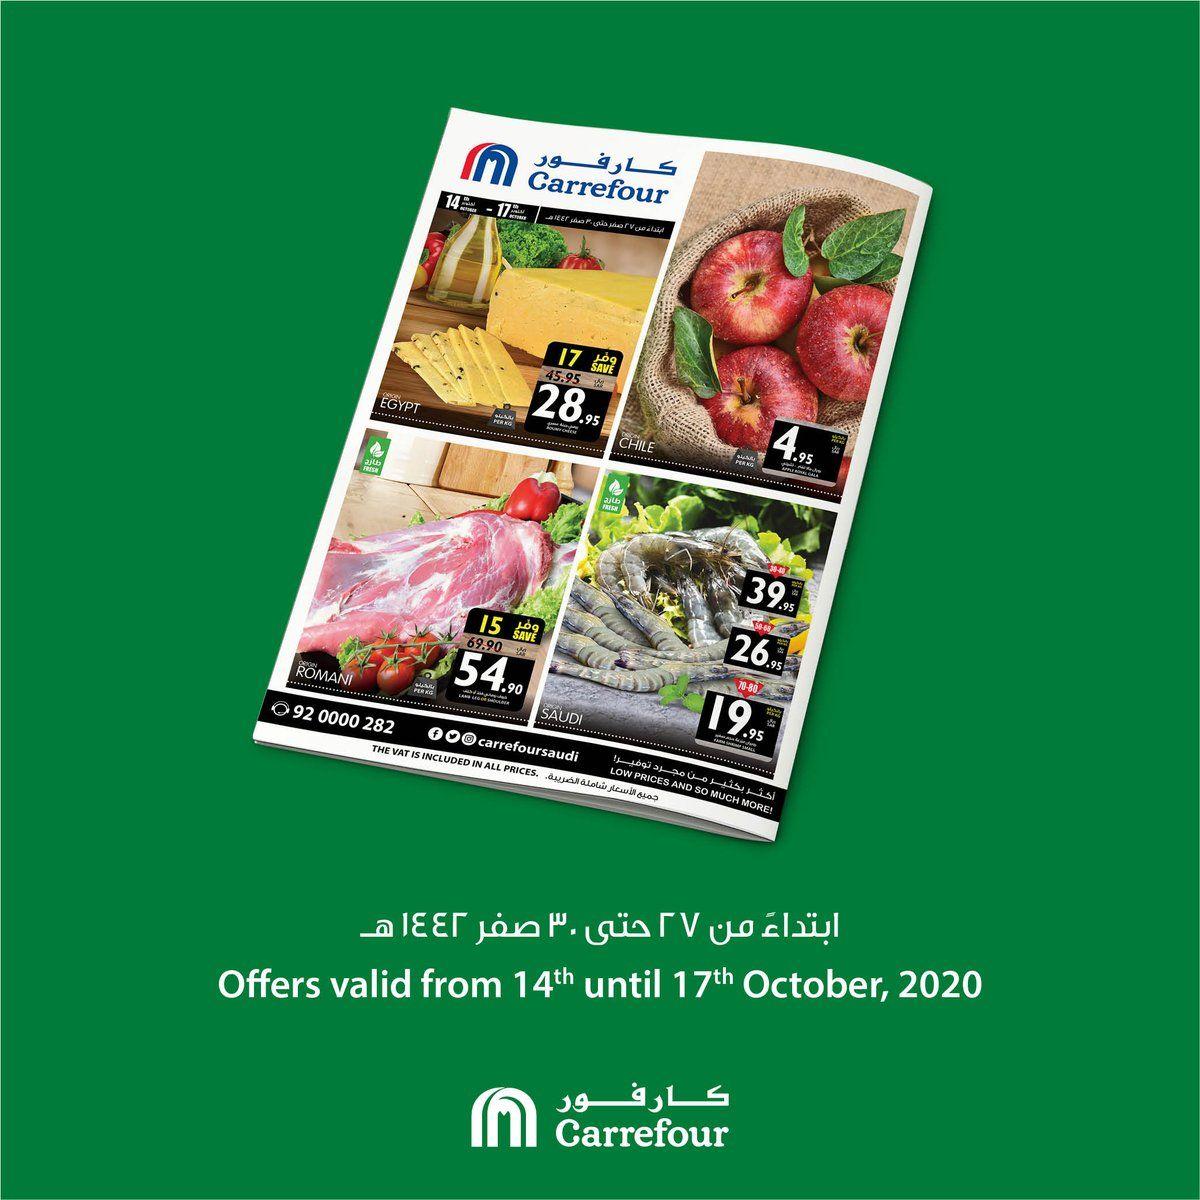 عروض كارفور توفير أكثر مع عروض كارفور بين 27 و 30 صفر عروض كارفور السعودية لأنك تستاهل أكثر More Savings With Carrefour Offers Betw In 2020 Book Cover Offer Egypt